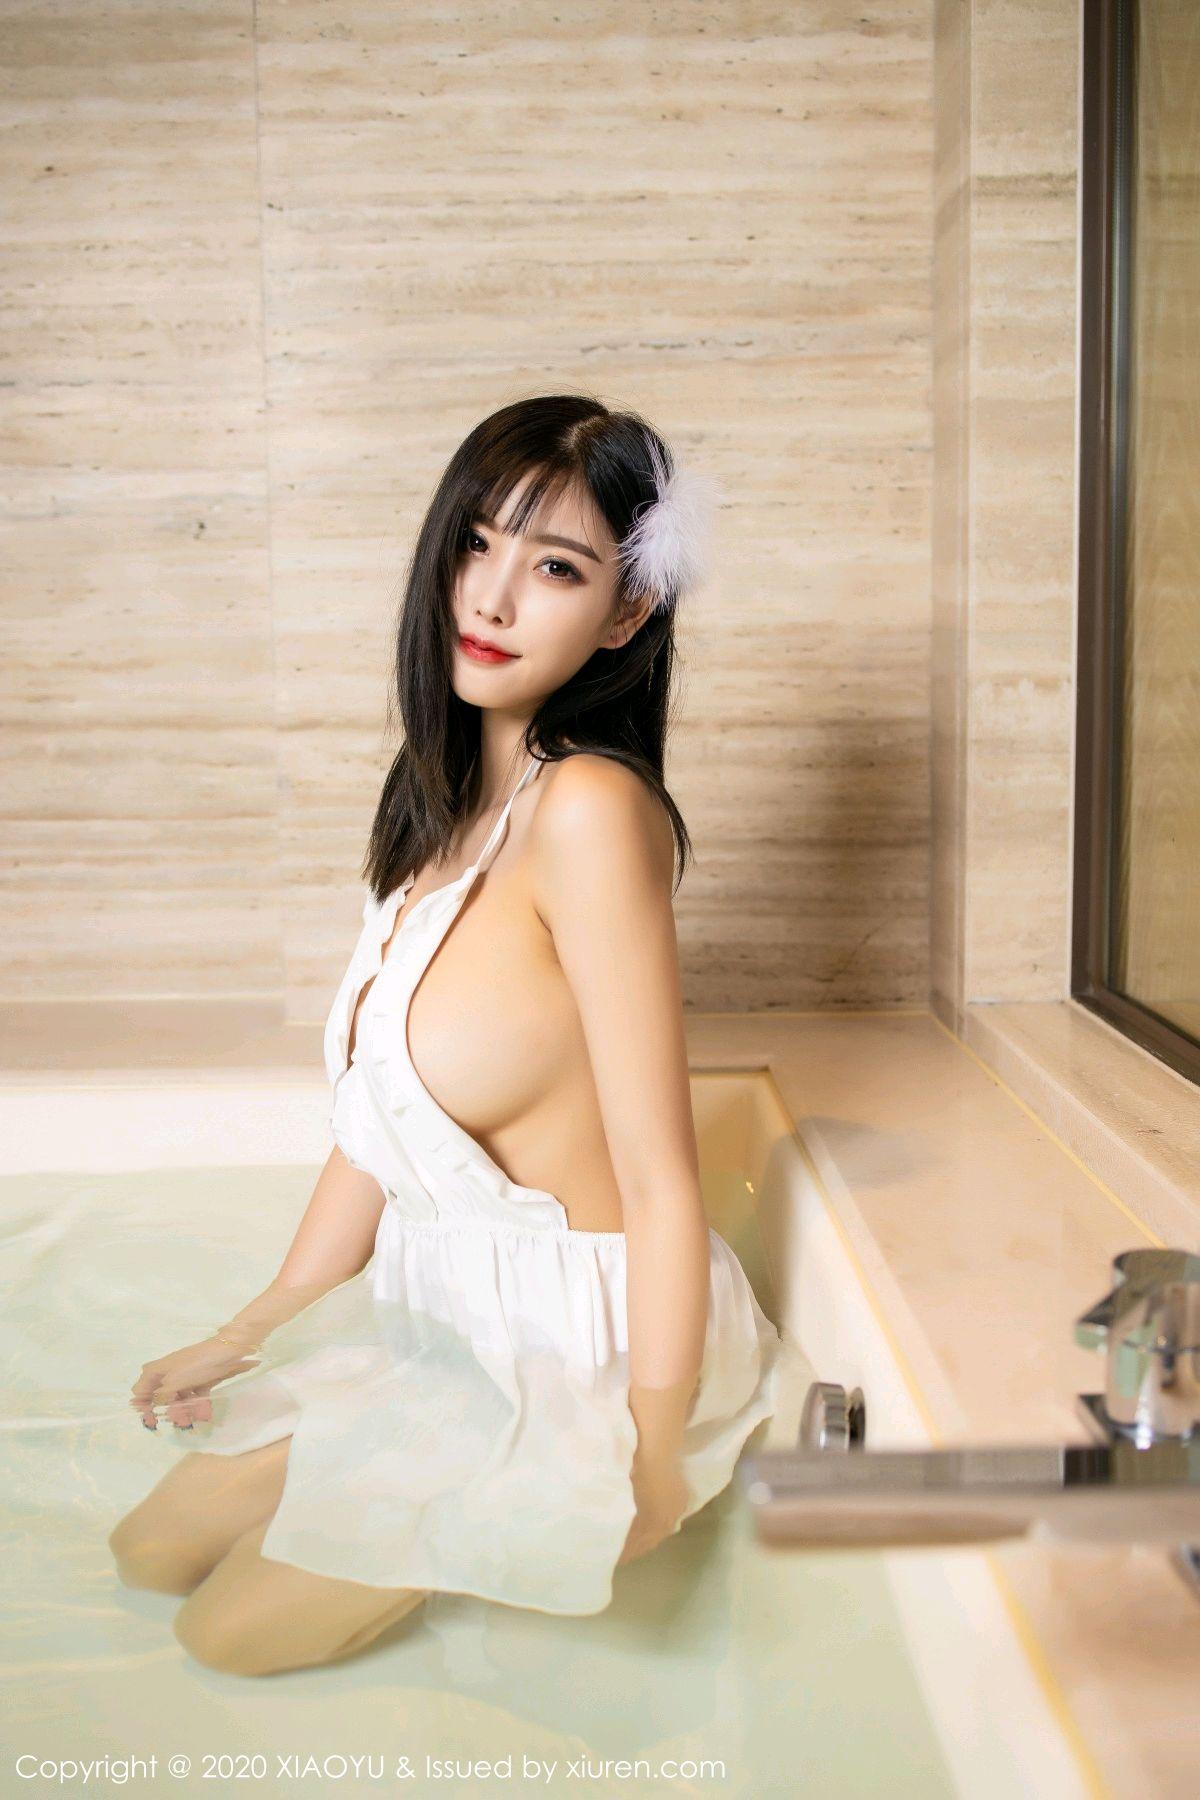 [XiaoYu] Vol.234 Yang Chen Chen 20P, Wet, XiaoYu, Yang Chen Chen